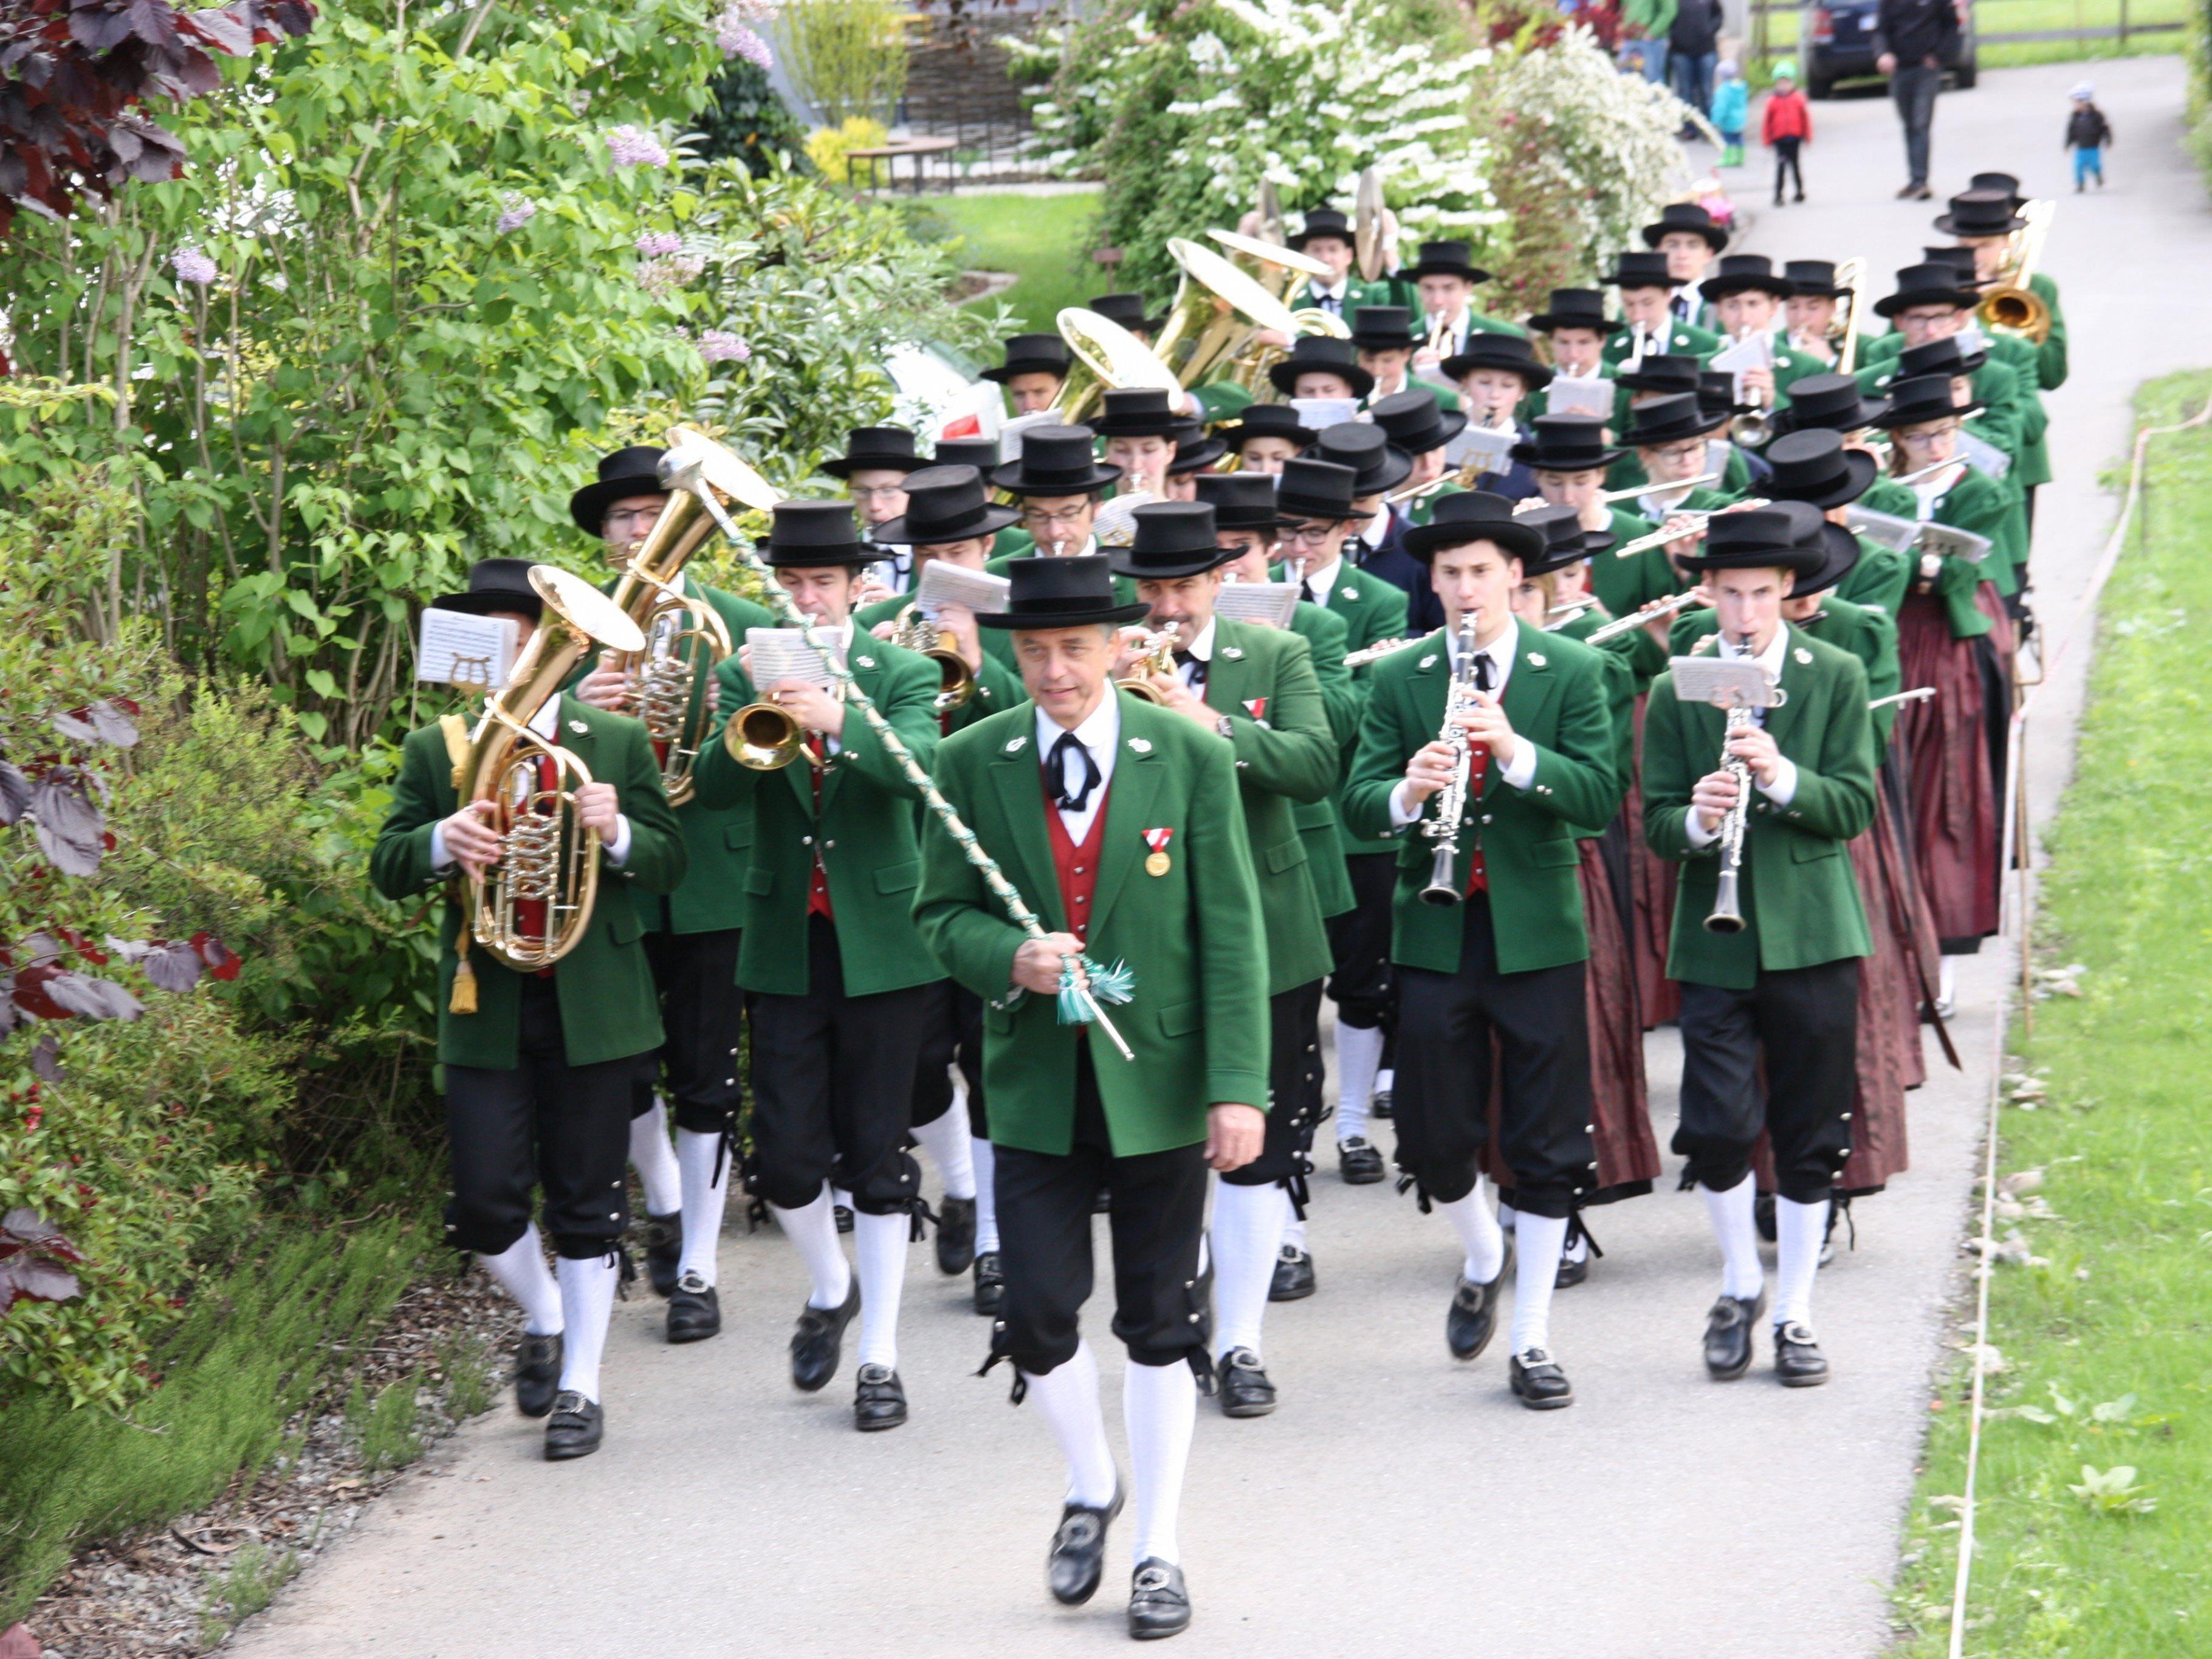 Der Mai wird im Hatlerdorf wieder traditionell mit Marschmusik eröffnet.